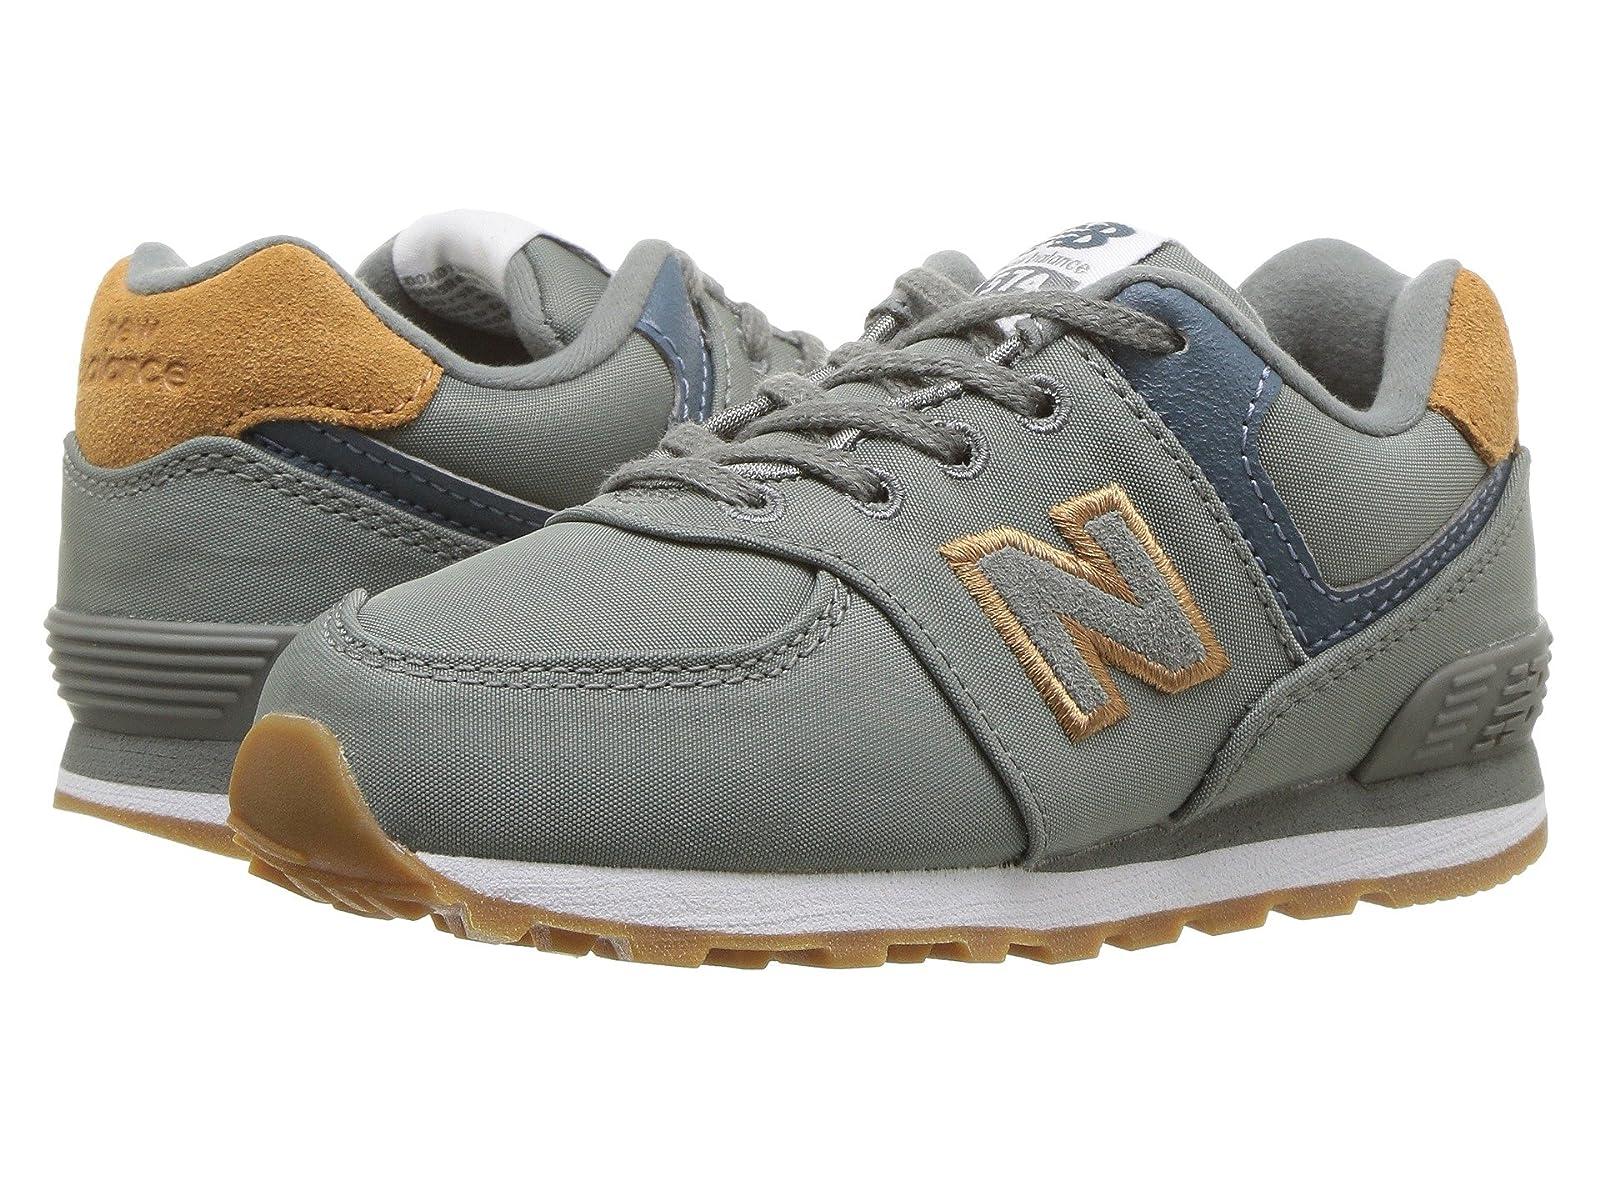 New Balance Kids IC574v1 (Infant/Toddler)Atmospheric grades have affordable shoes